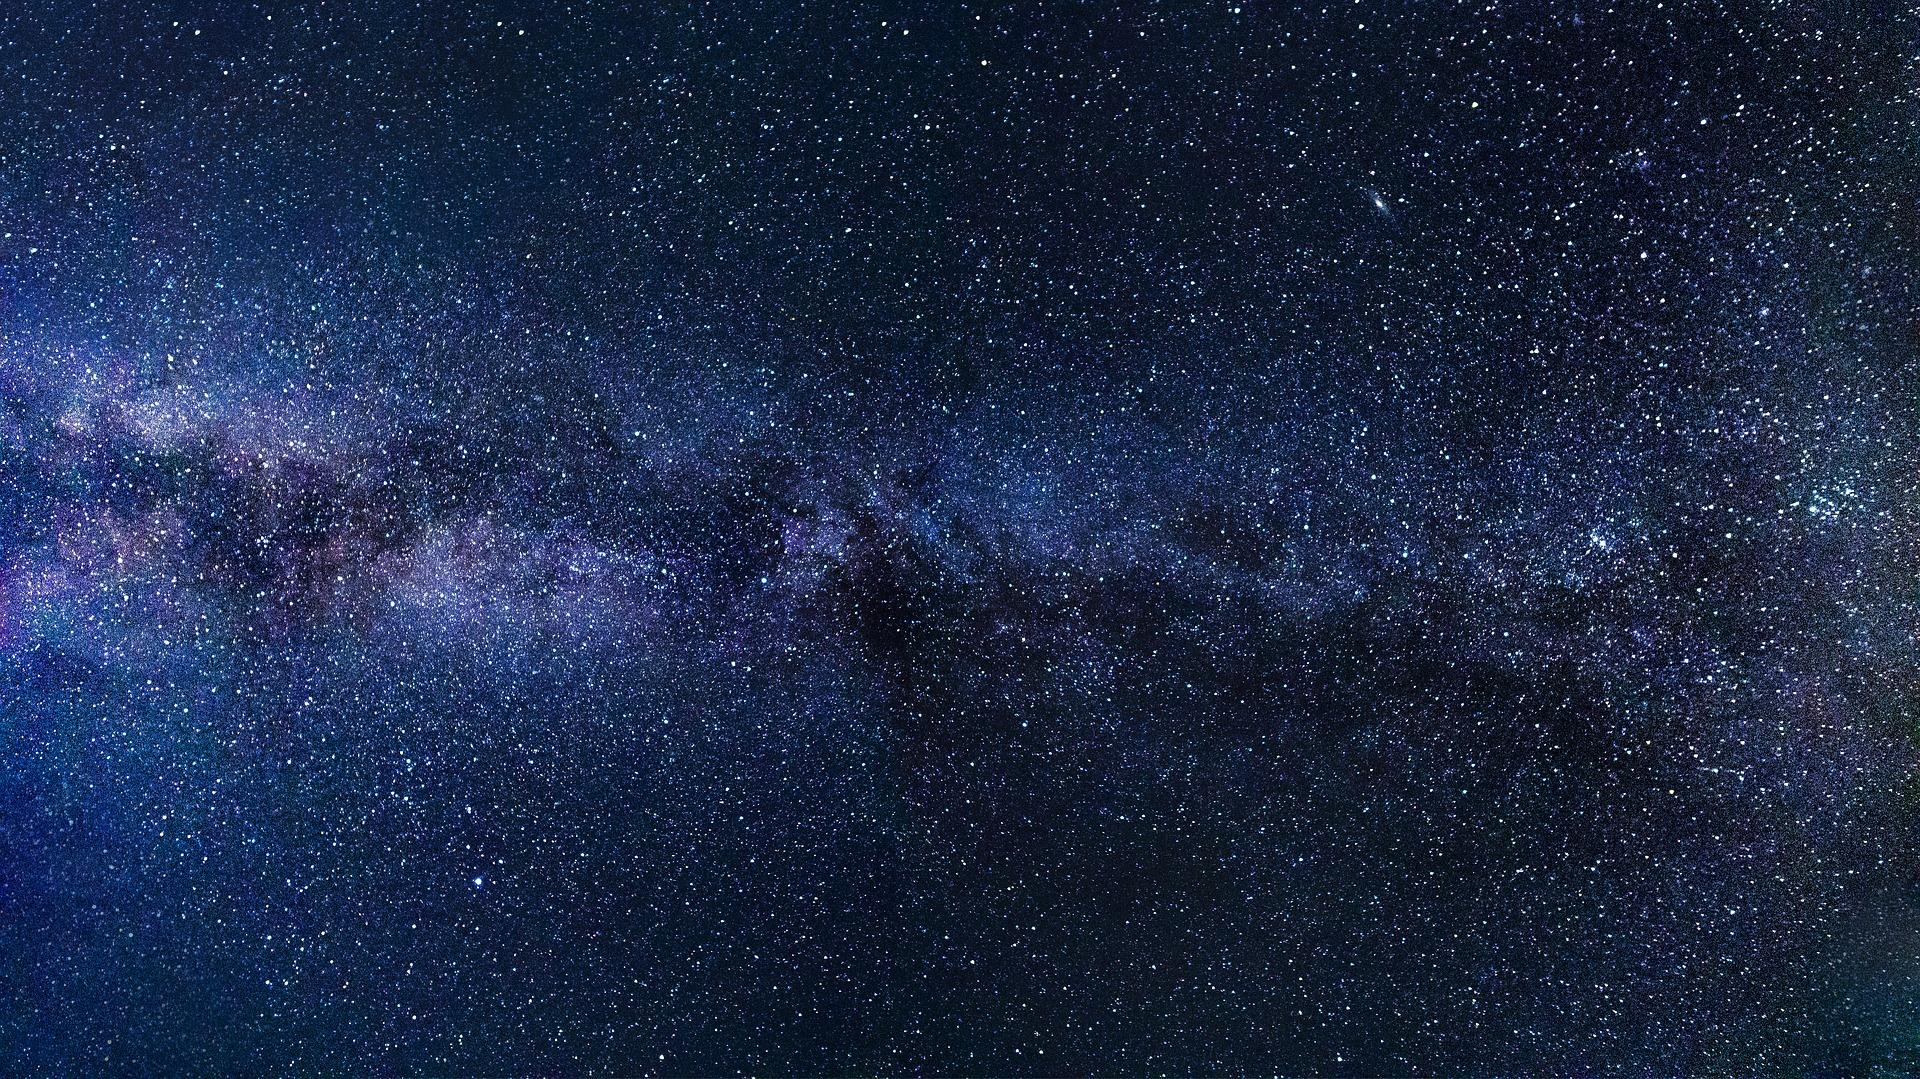 Caur ērkšķiem uz zvaigznēm JEB… Pārsteigums!